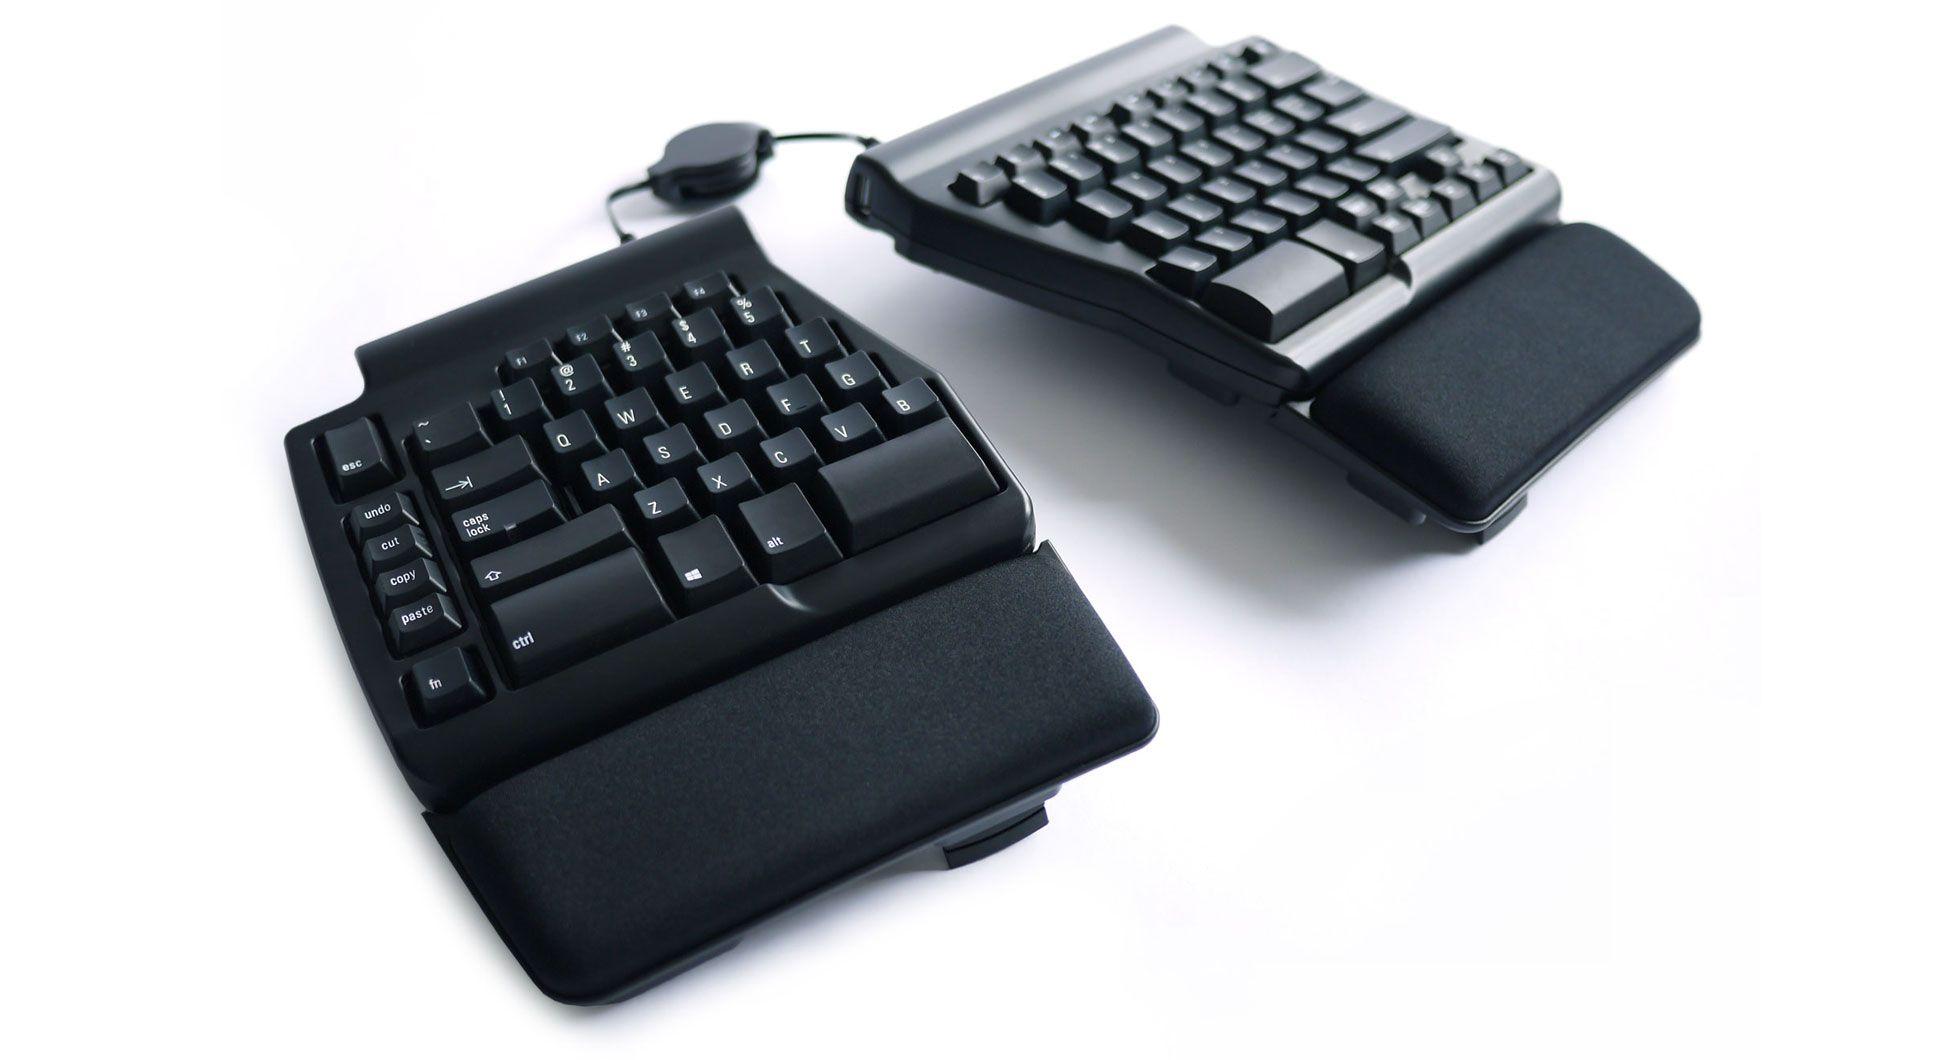 63e89b03a48 Matias Ergo Pro Keyboard - a better MECHANICAL ergonomic keyboard - for PC